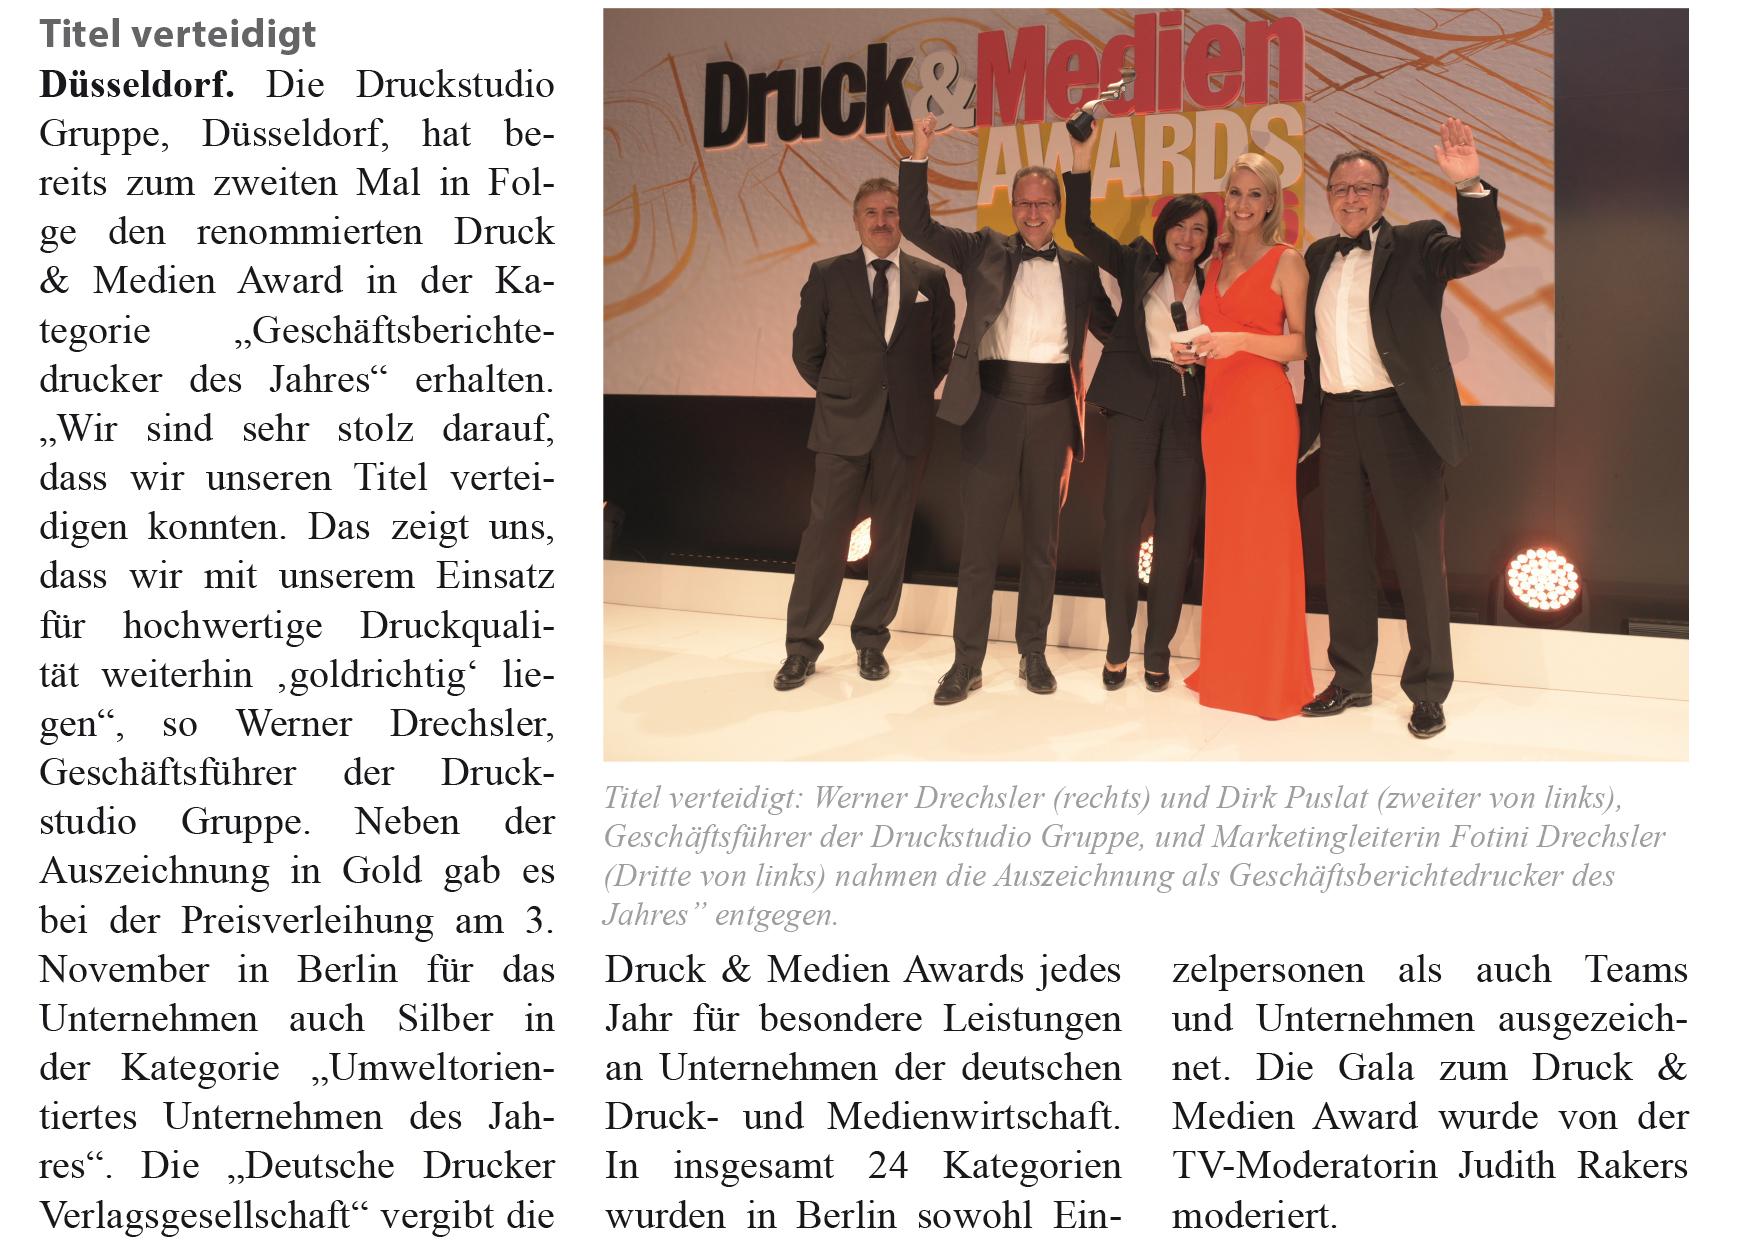 IHK Magazin Druck&Medien Awards 2016 Artikelbild